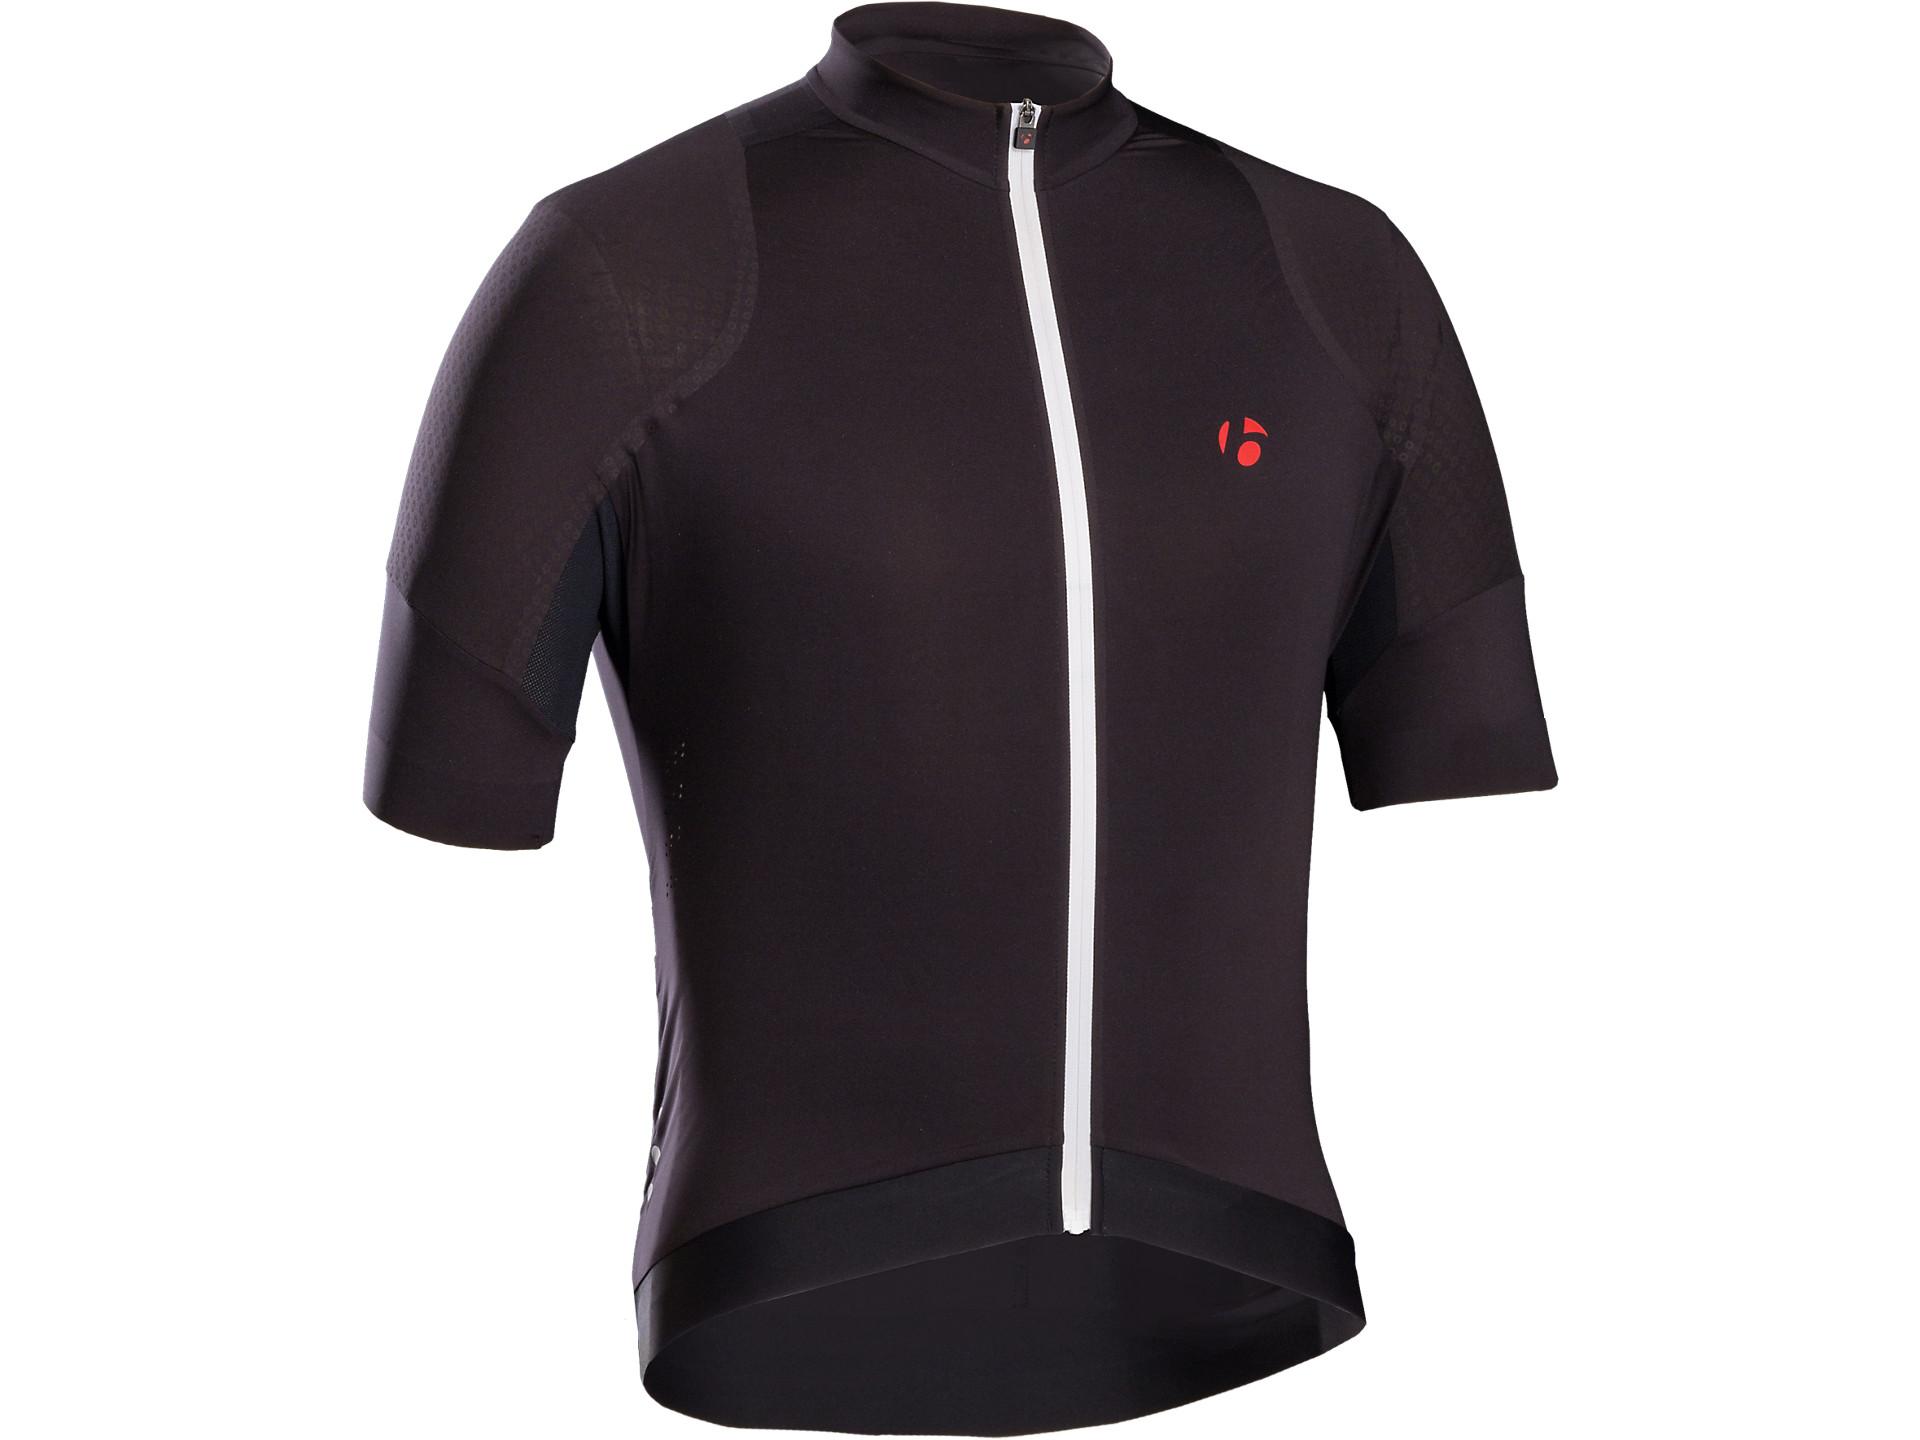 5c8ad9d6a Bontrager RXXXL Cycling Jersey